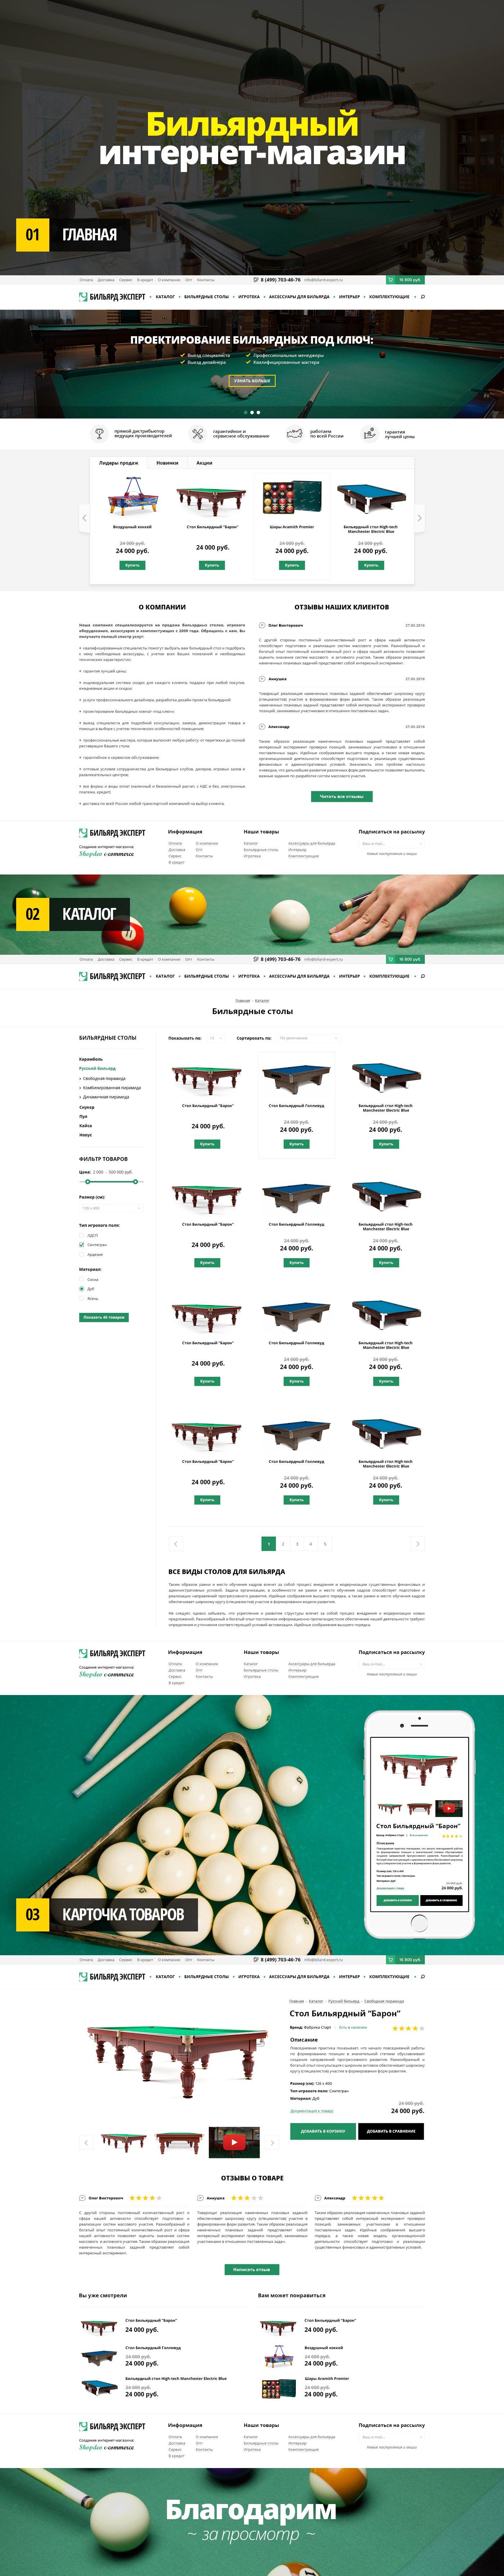 разработка интернет-магазина бильярдных столов